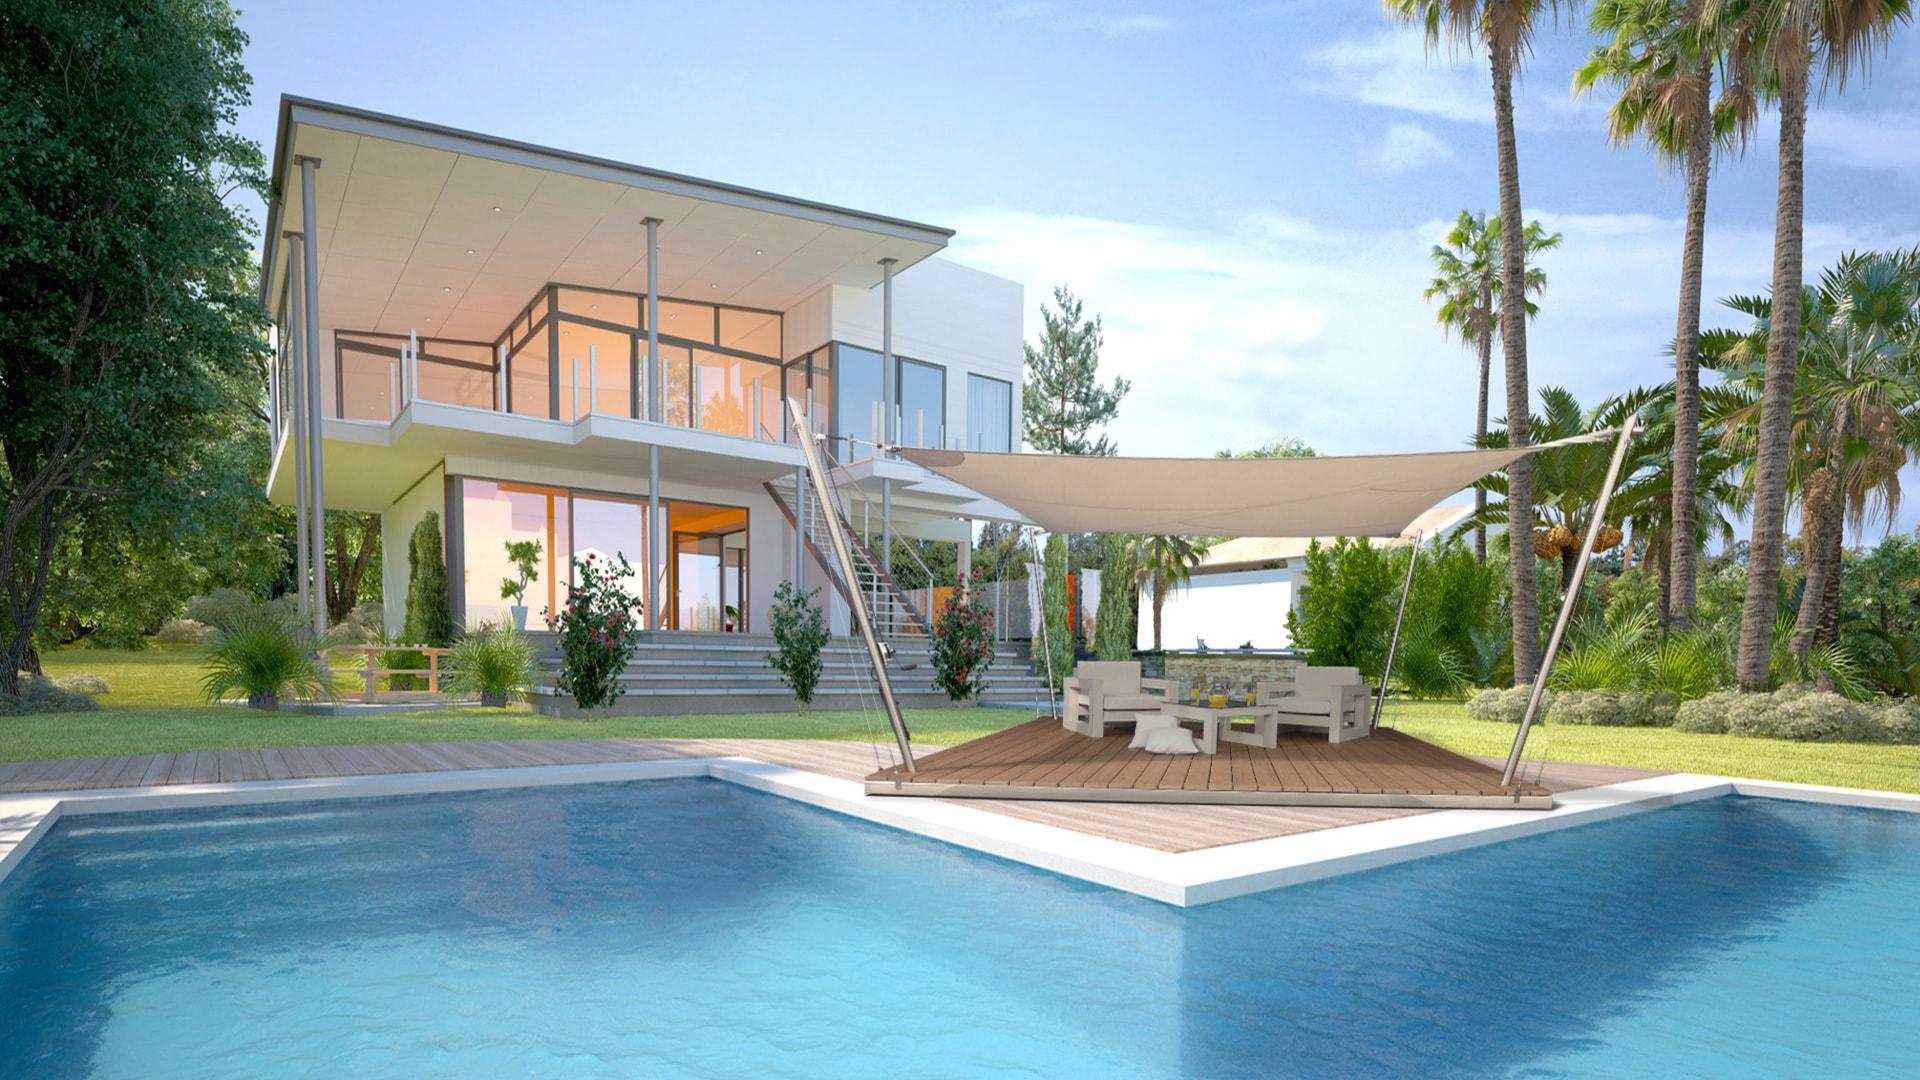 Eine Sonnensegel-Lounge aufgebaut vor einem Pool.